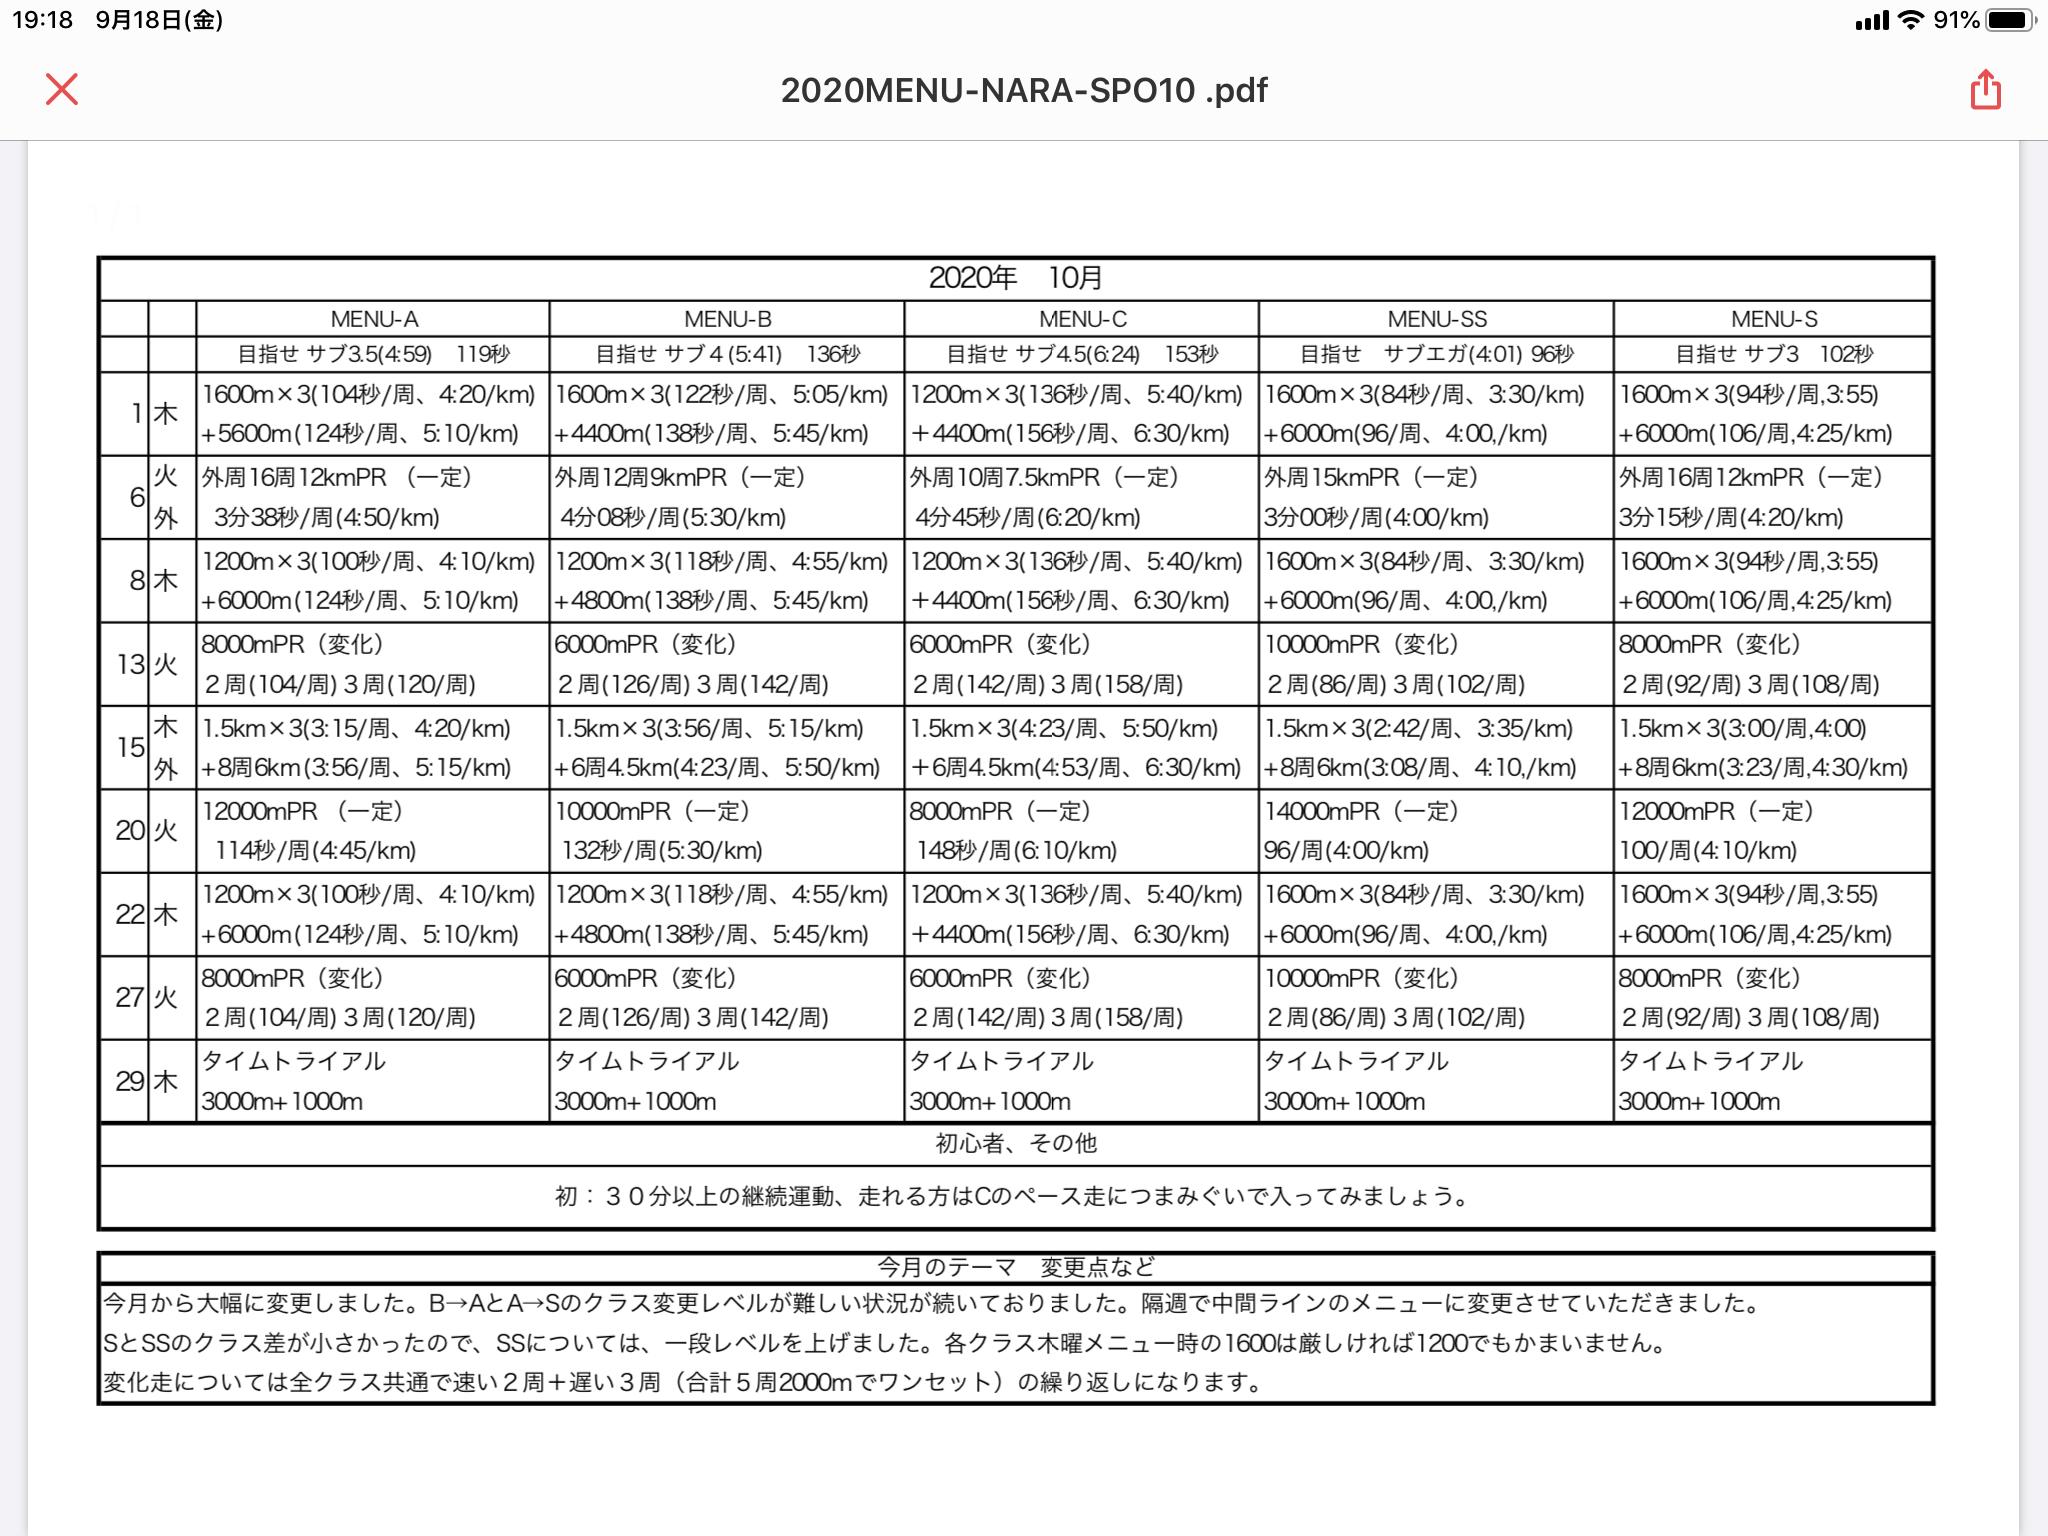 E93E81D6-30CD-4F8D-BE64-0C7E02D0E246